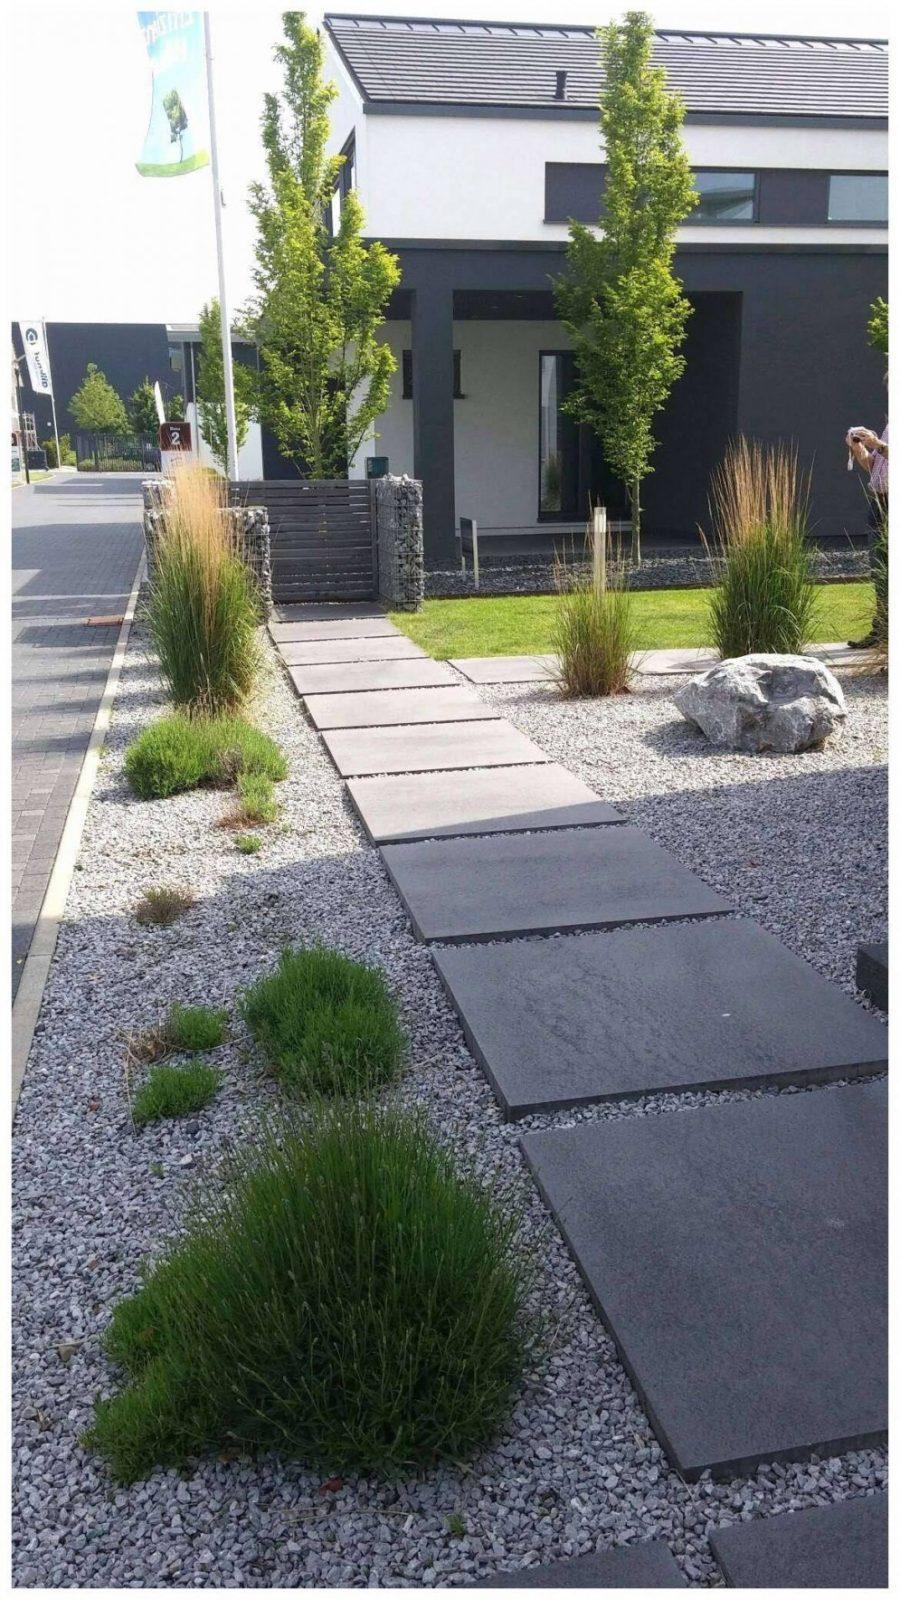 Elegant 30 Garten Gestalten Sichtschutz Von Bauhaus Steine Garten von Bauhaus Steine Garten Photo